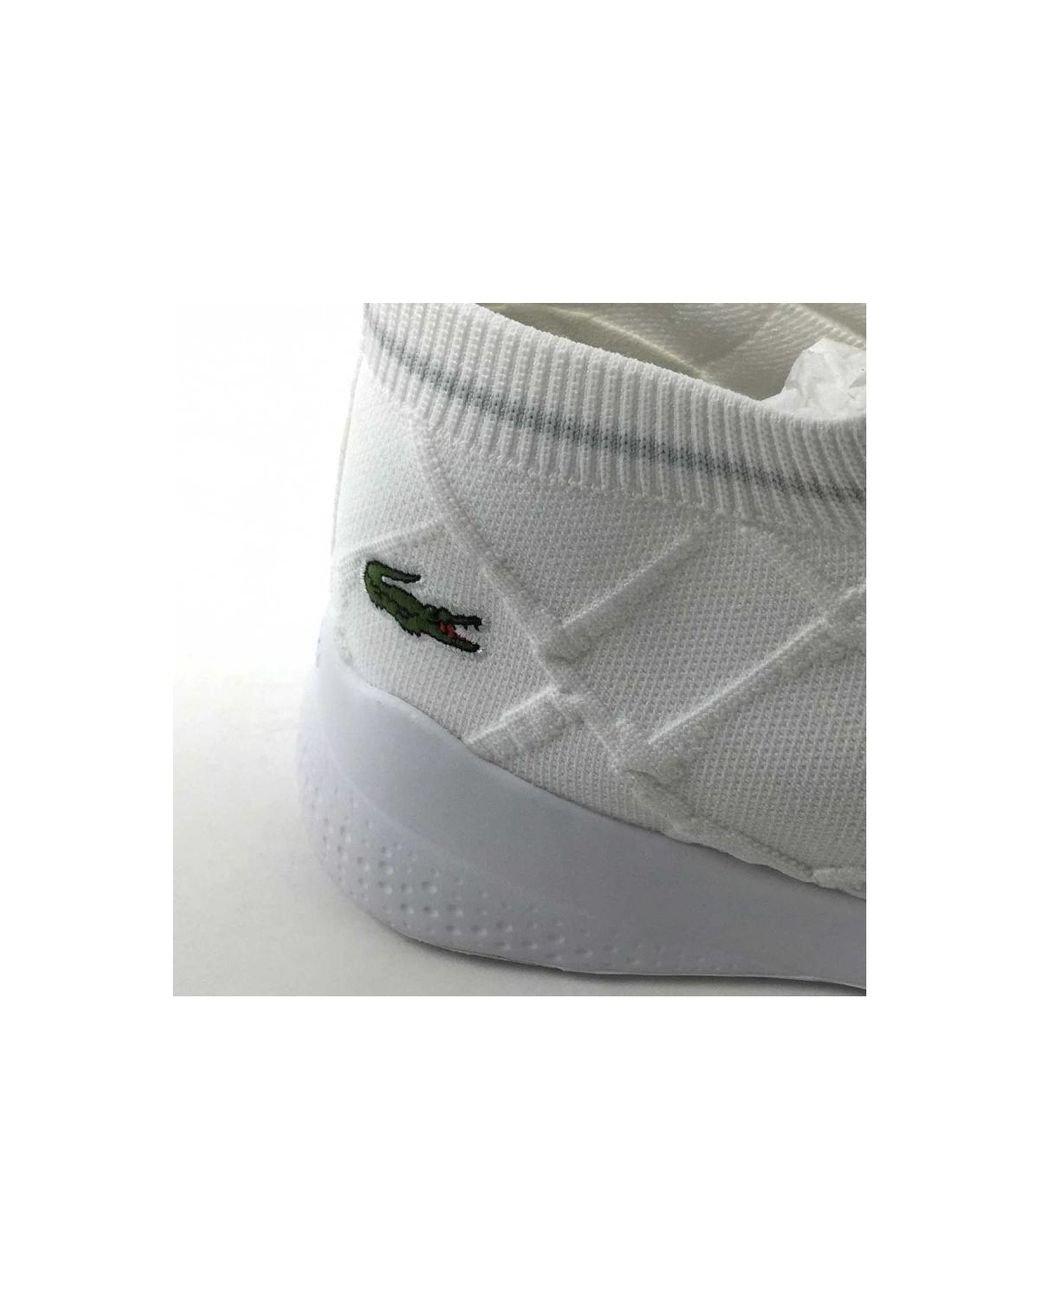 Lt Sock En Coloris Blanc Fit Chaussures Lacoste Femmes 4R35ALqj